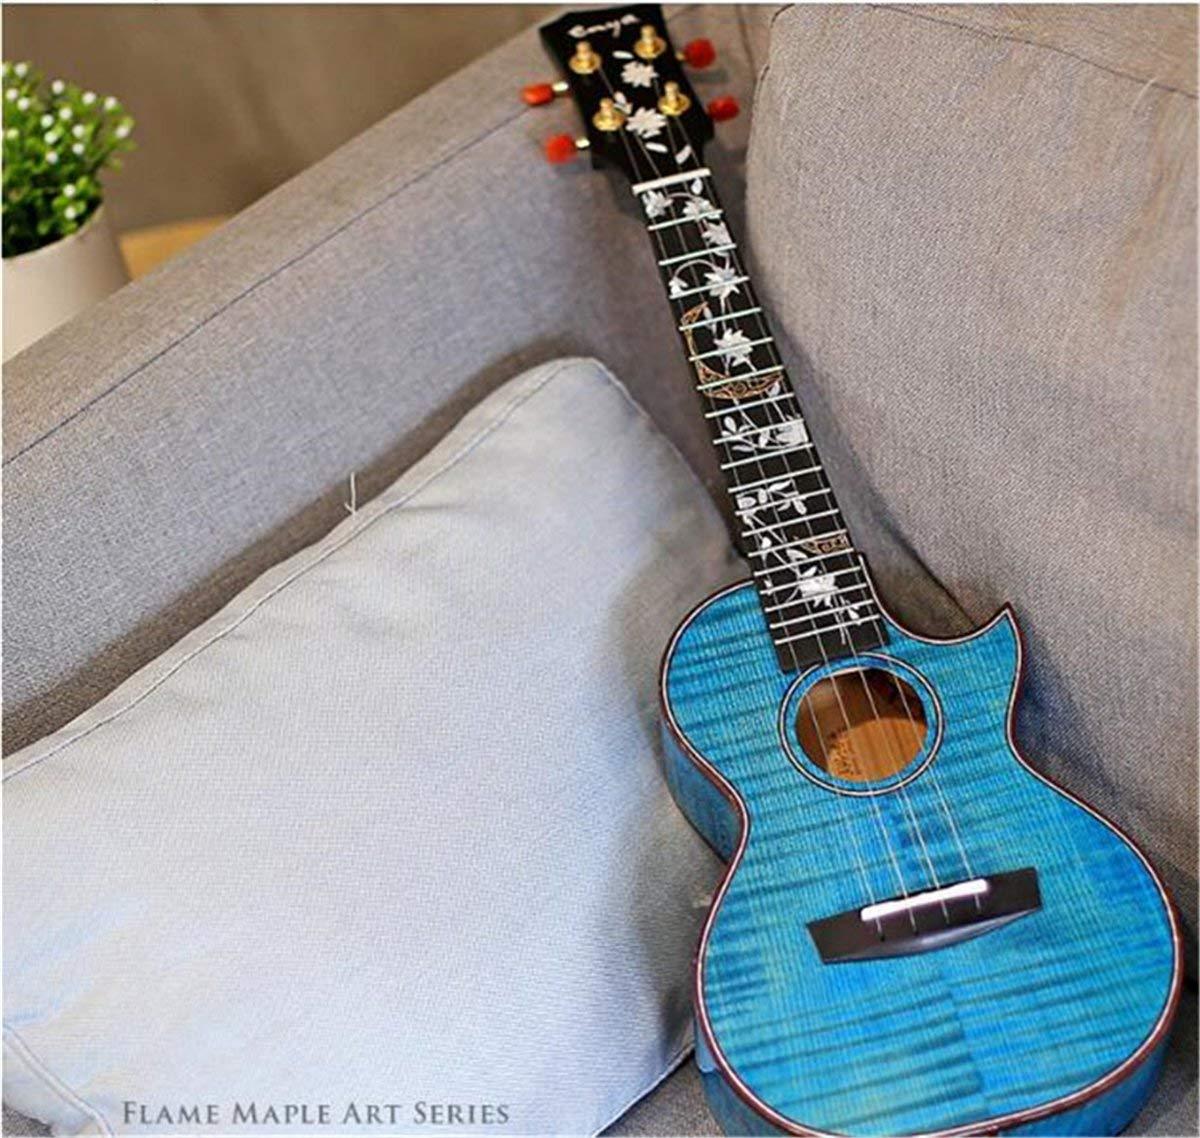 Enya コンサート ウクレレ フラワー シリーズ ソリッド 5A タイガー フレイム メープル ボディ ハワイ ギター 4弦 楽器   B07L8NZR7T